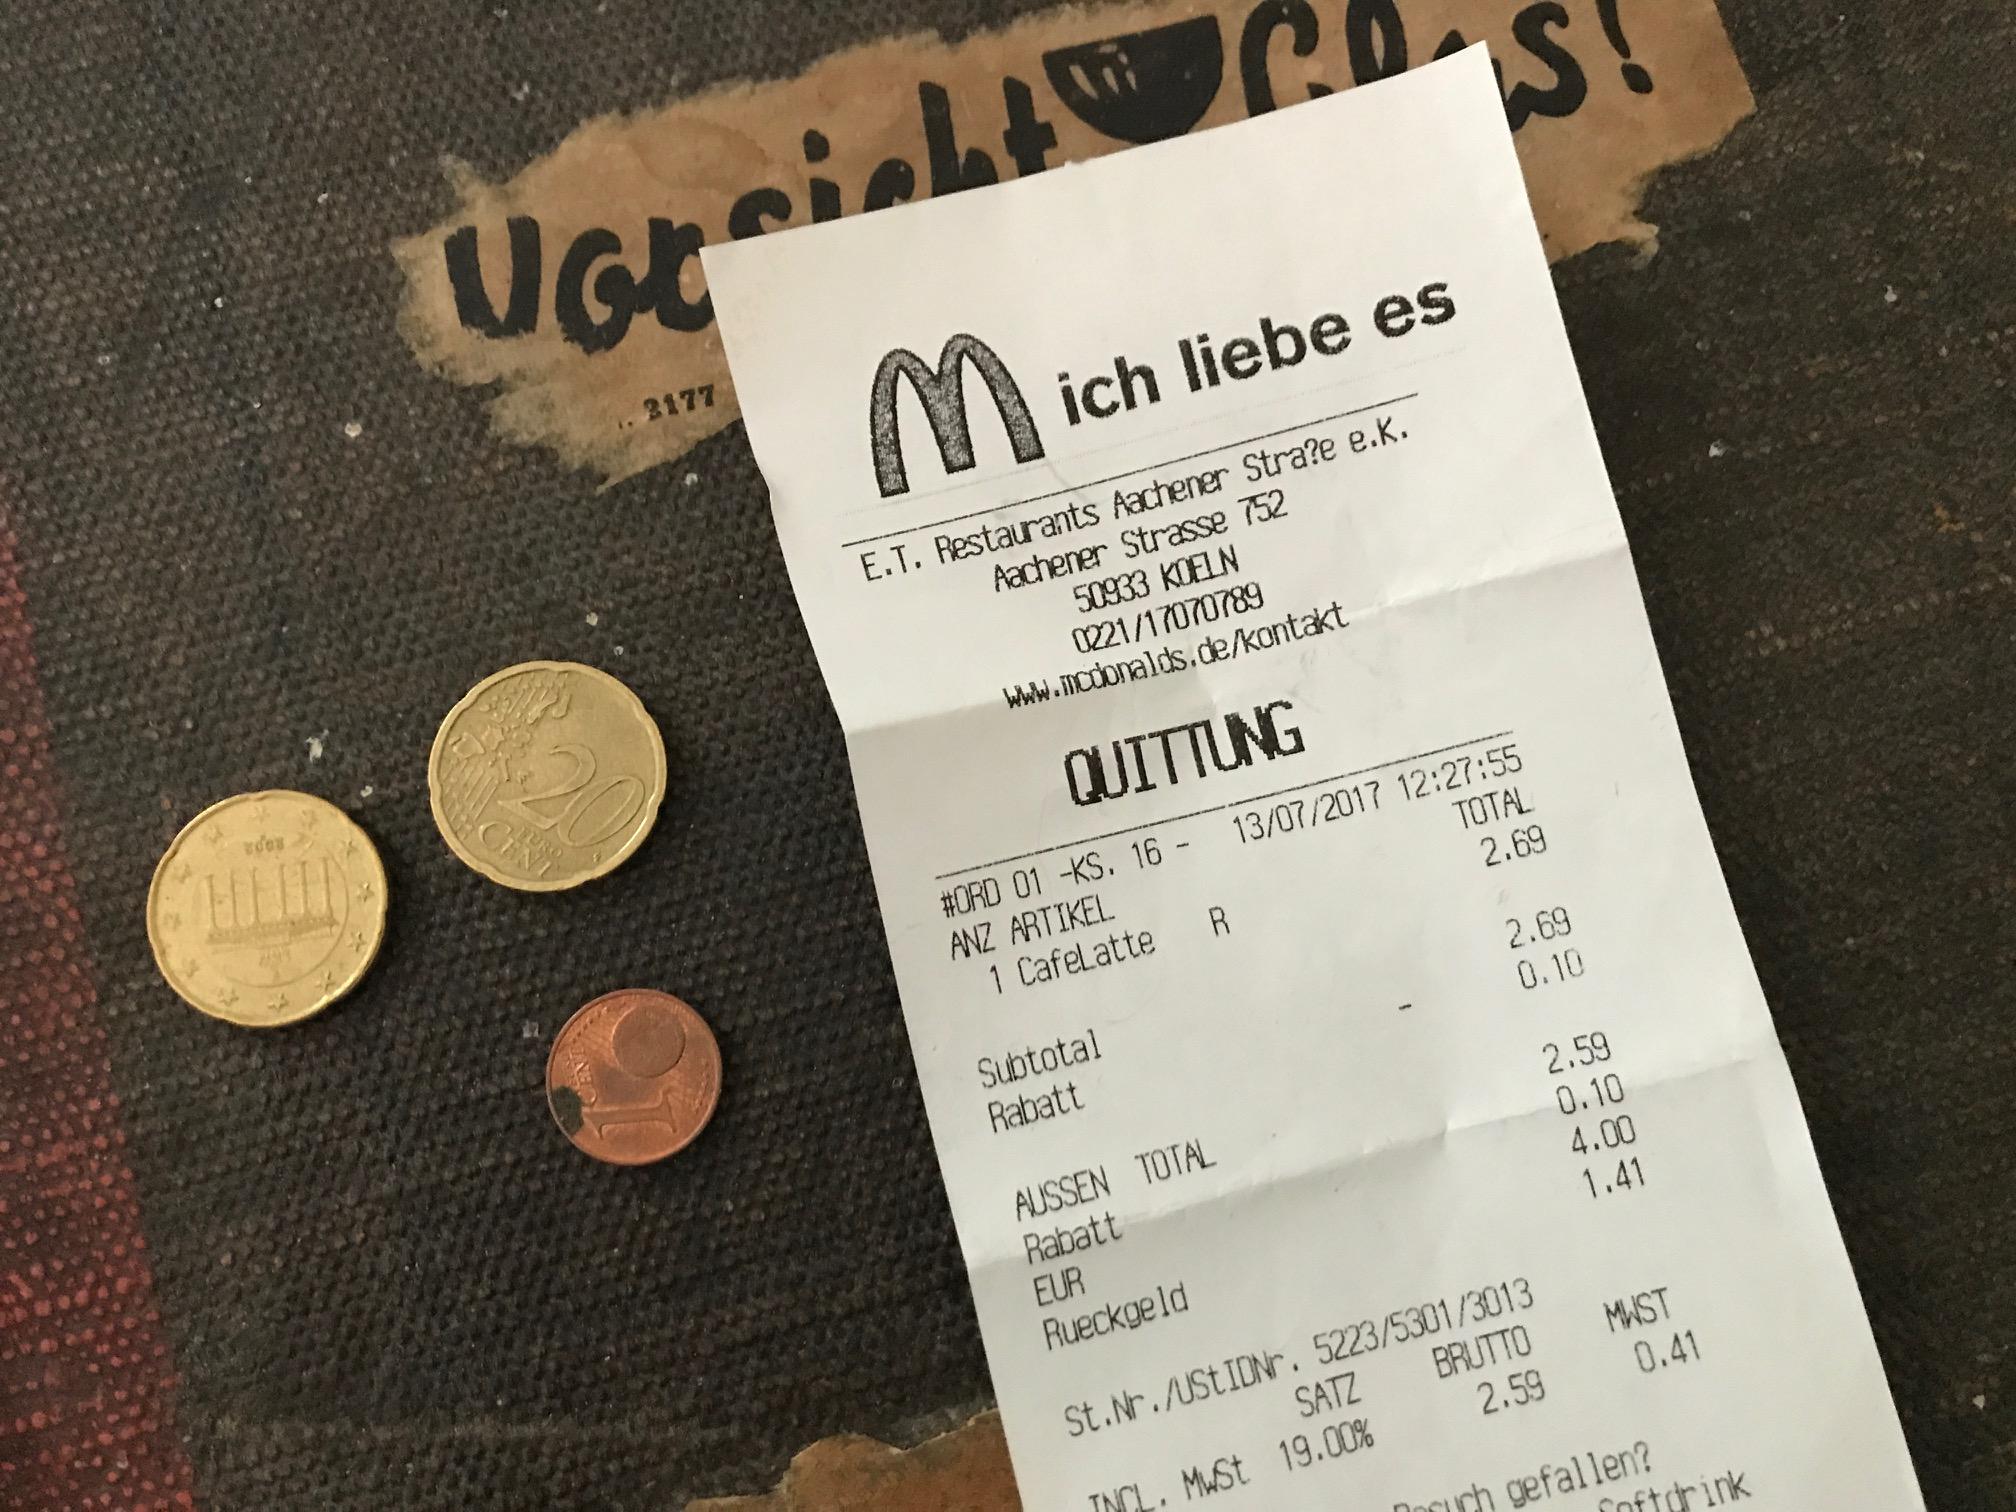 McDonalds Rabatt wiederverwendbarer Becher 10 Cent